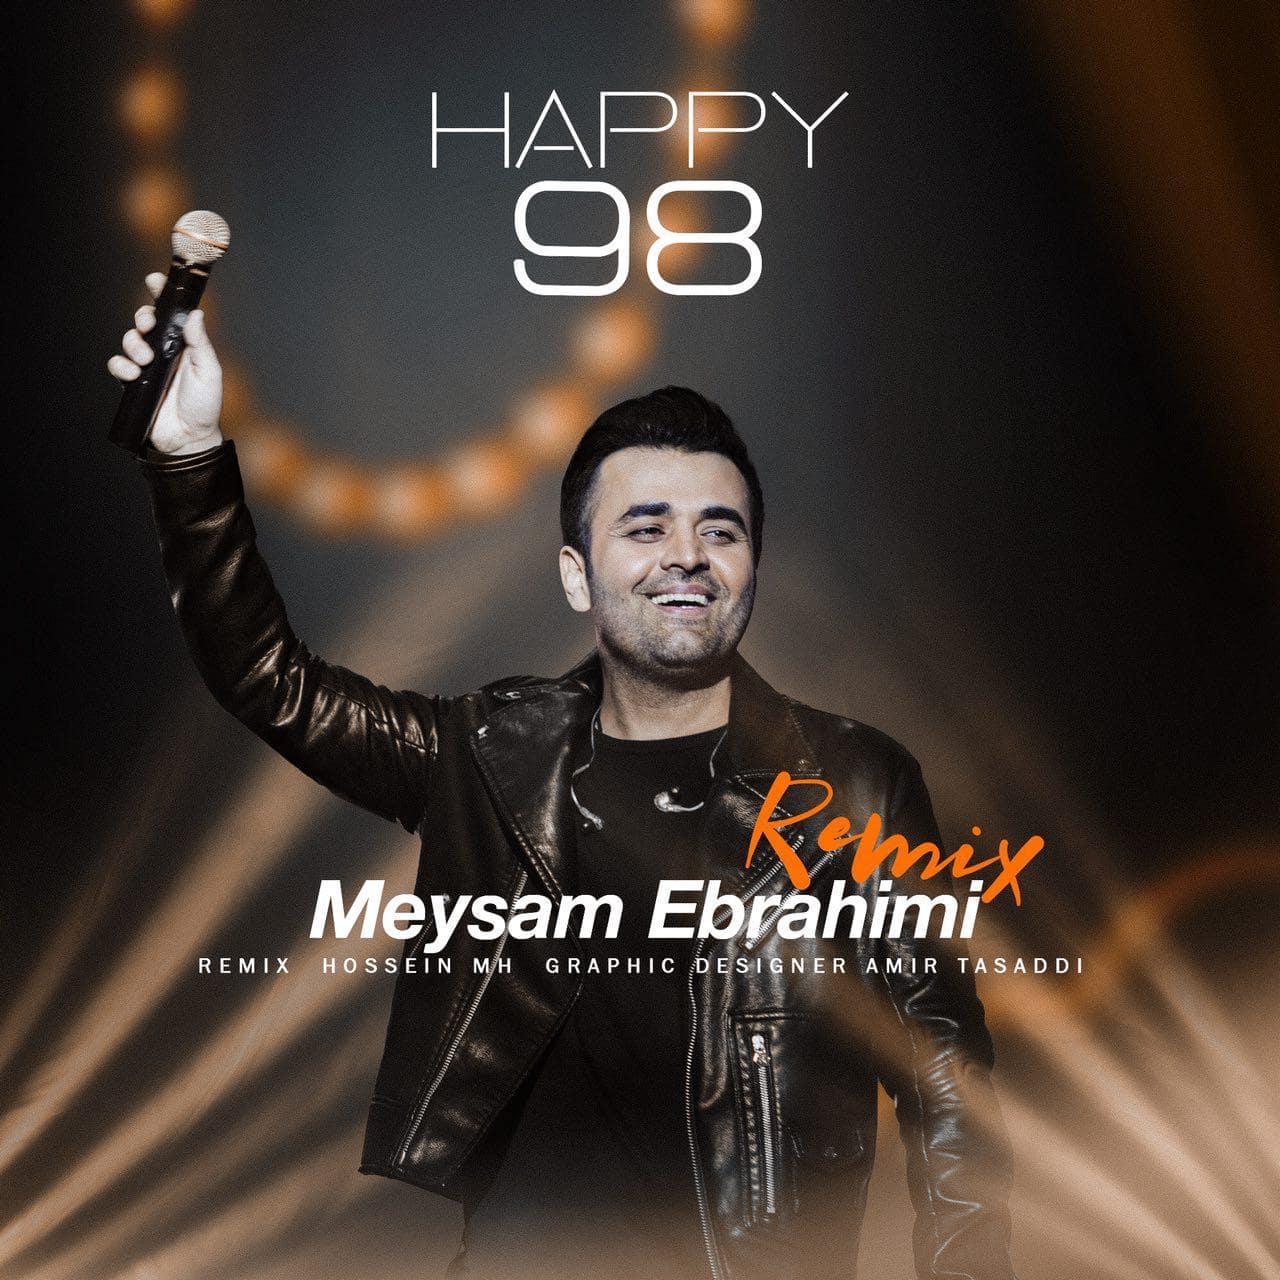 دانلود رمیکس جدید میثم ابراهیمی Happy 98